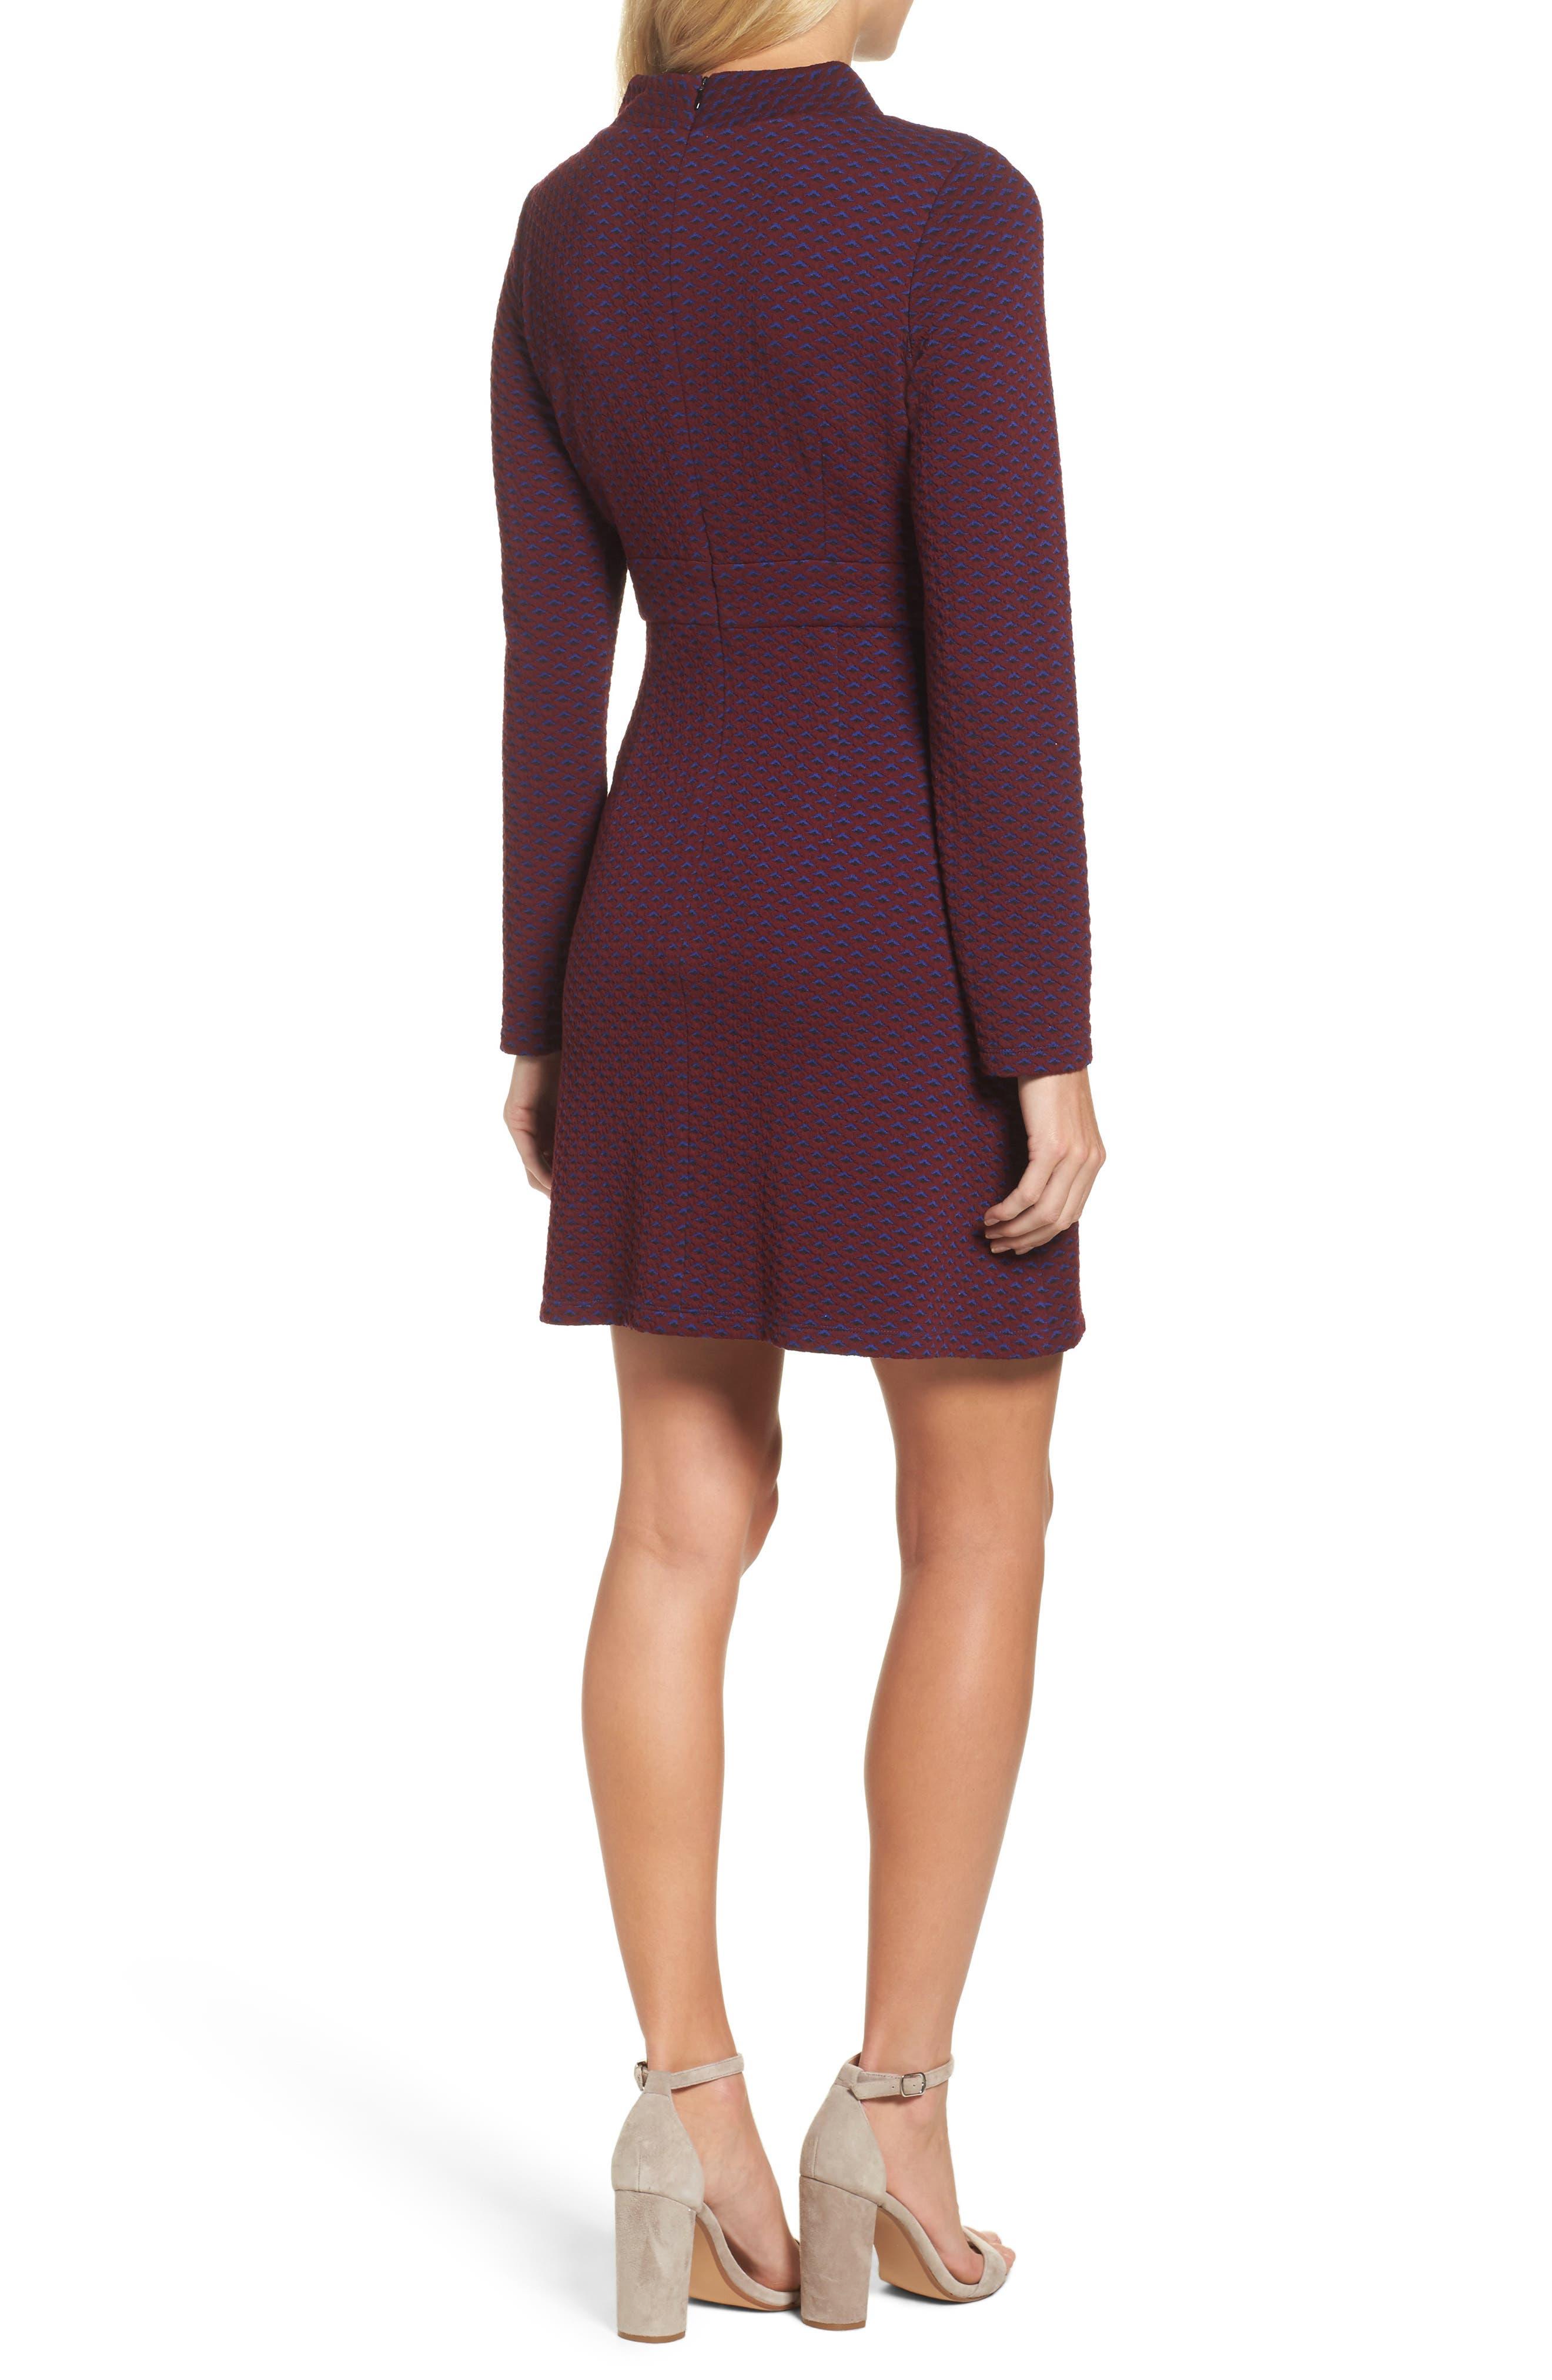 Jacquard Fit & Flare Dress,                             Alternate thumbnail 2, color,                             401